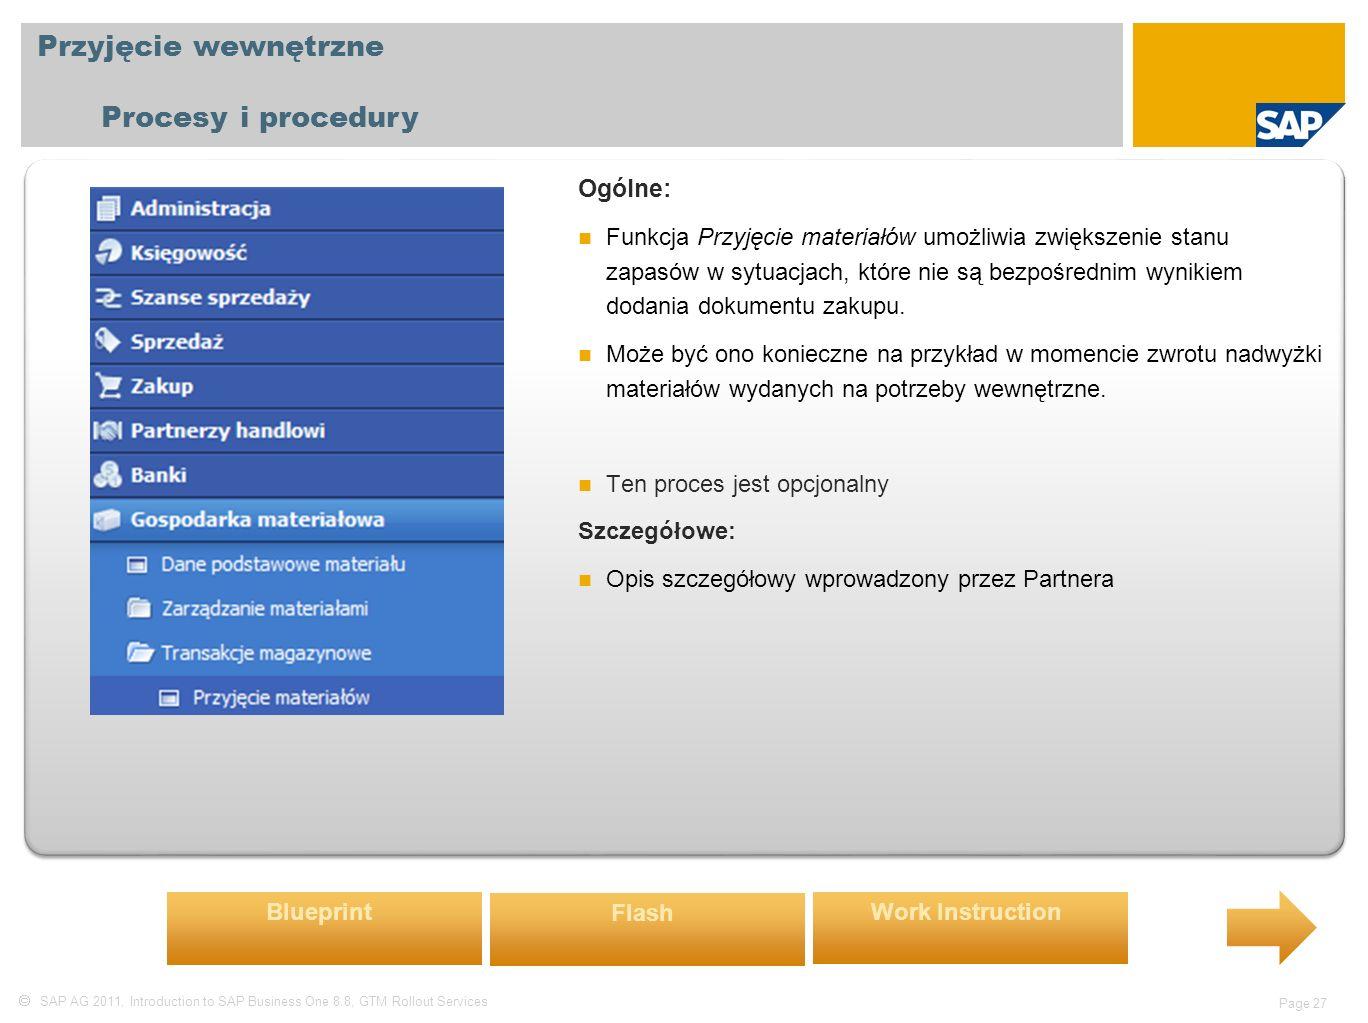  SAP AG 2011, Introduction to SAP Business One 8.8, GTM Rollout Services Page 27 Przyjęcie wewnętrzne Procesy i procedury Ogólne: Funkcja Przyjęcie materiałów umożliwia zwiększenie stanu zapasów w sytuacjach, które nie są bezpośrednim wynikiem dodania dokumentu zakupu.